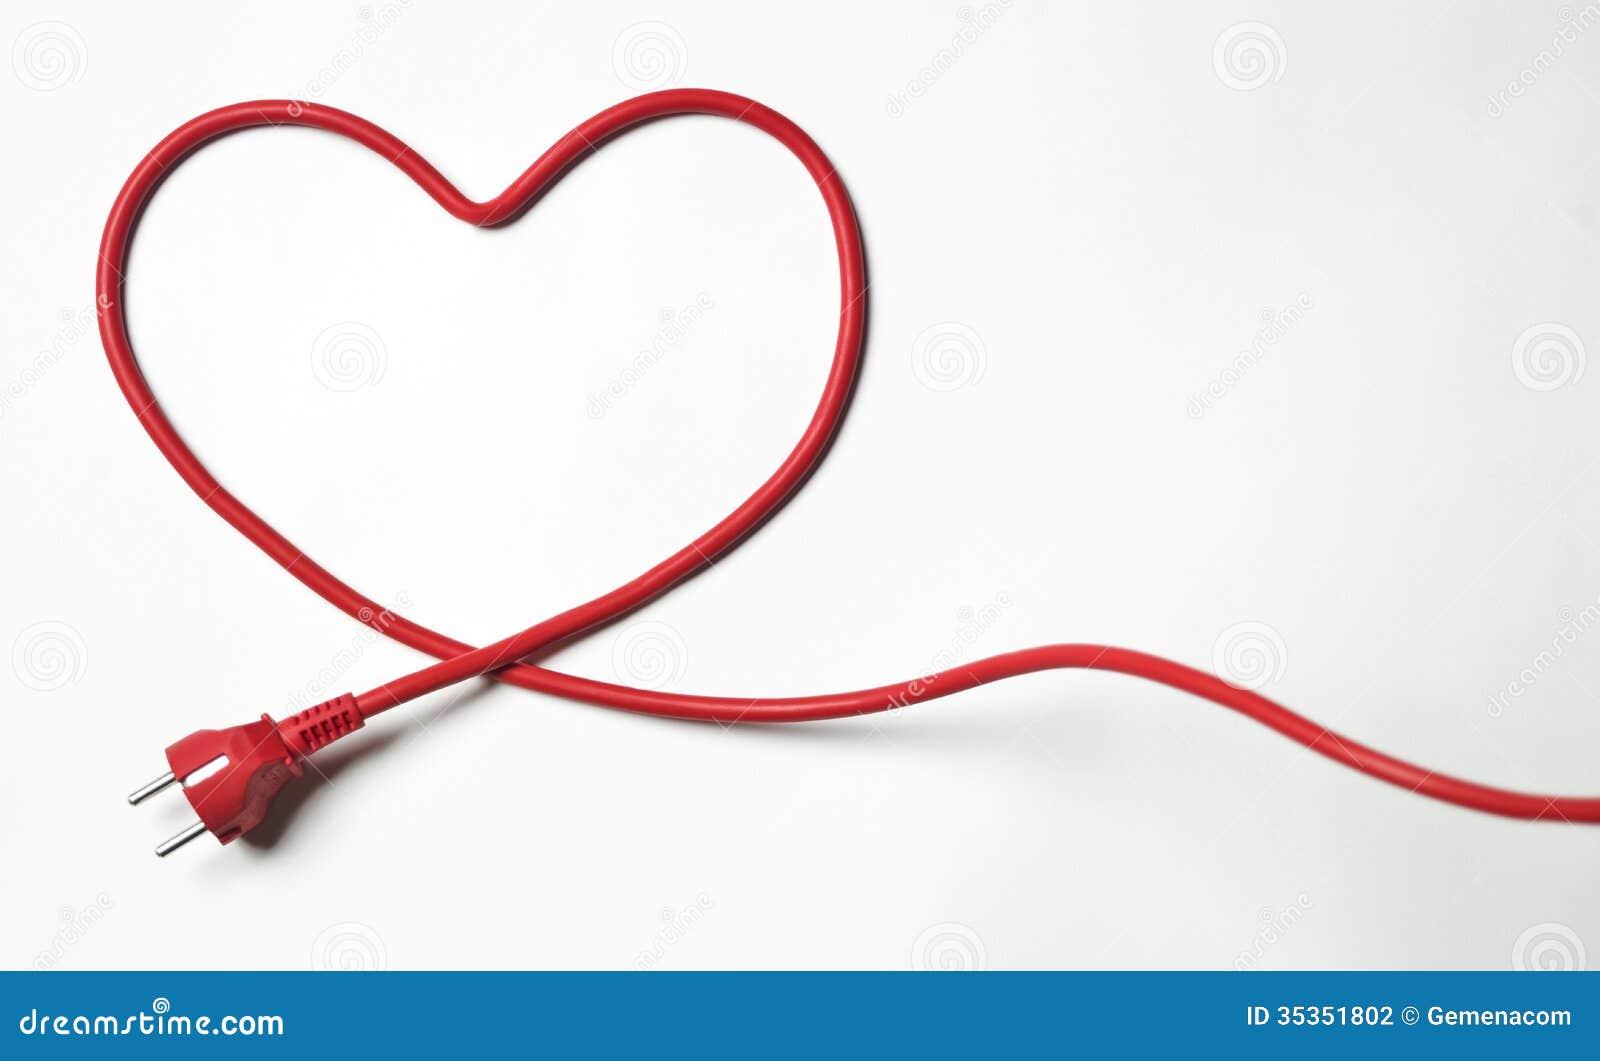 Cavo Heartshaped